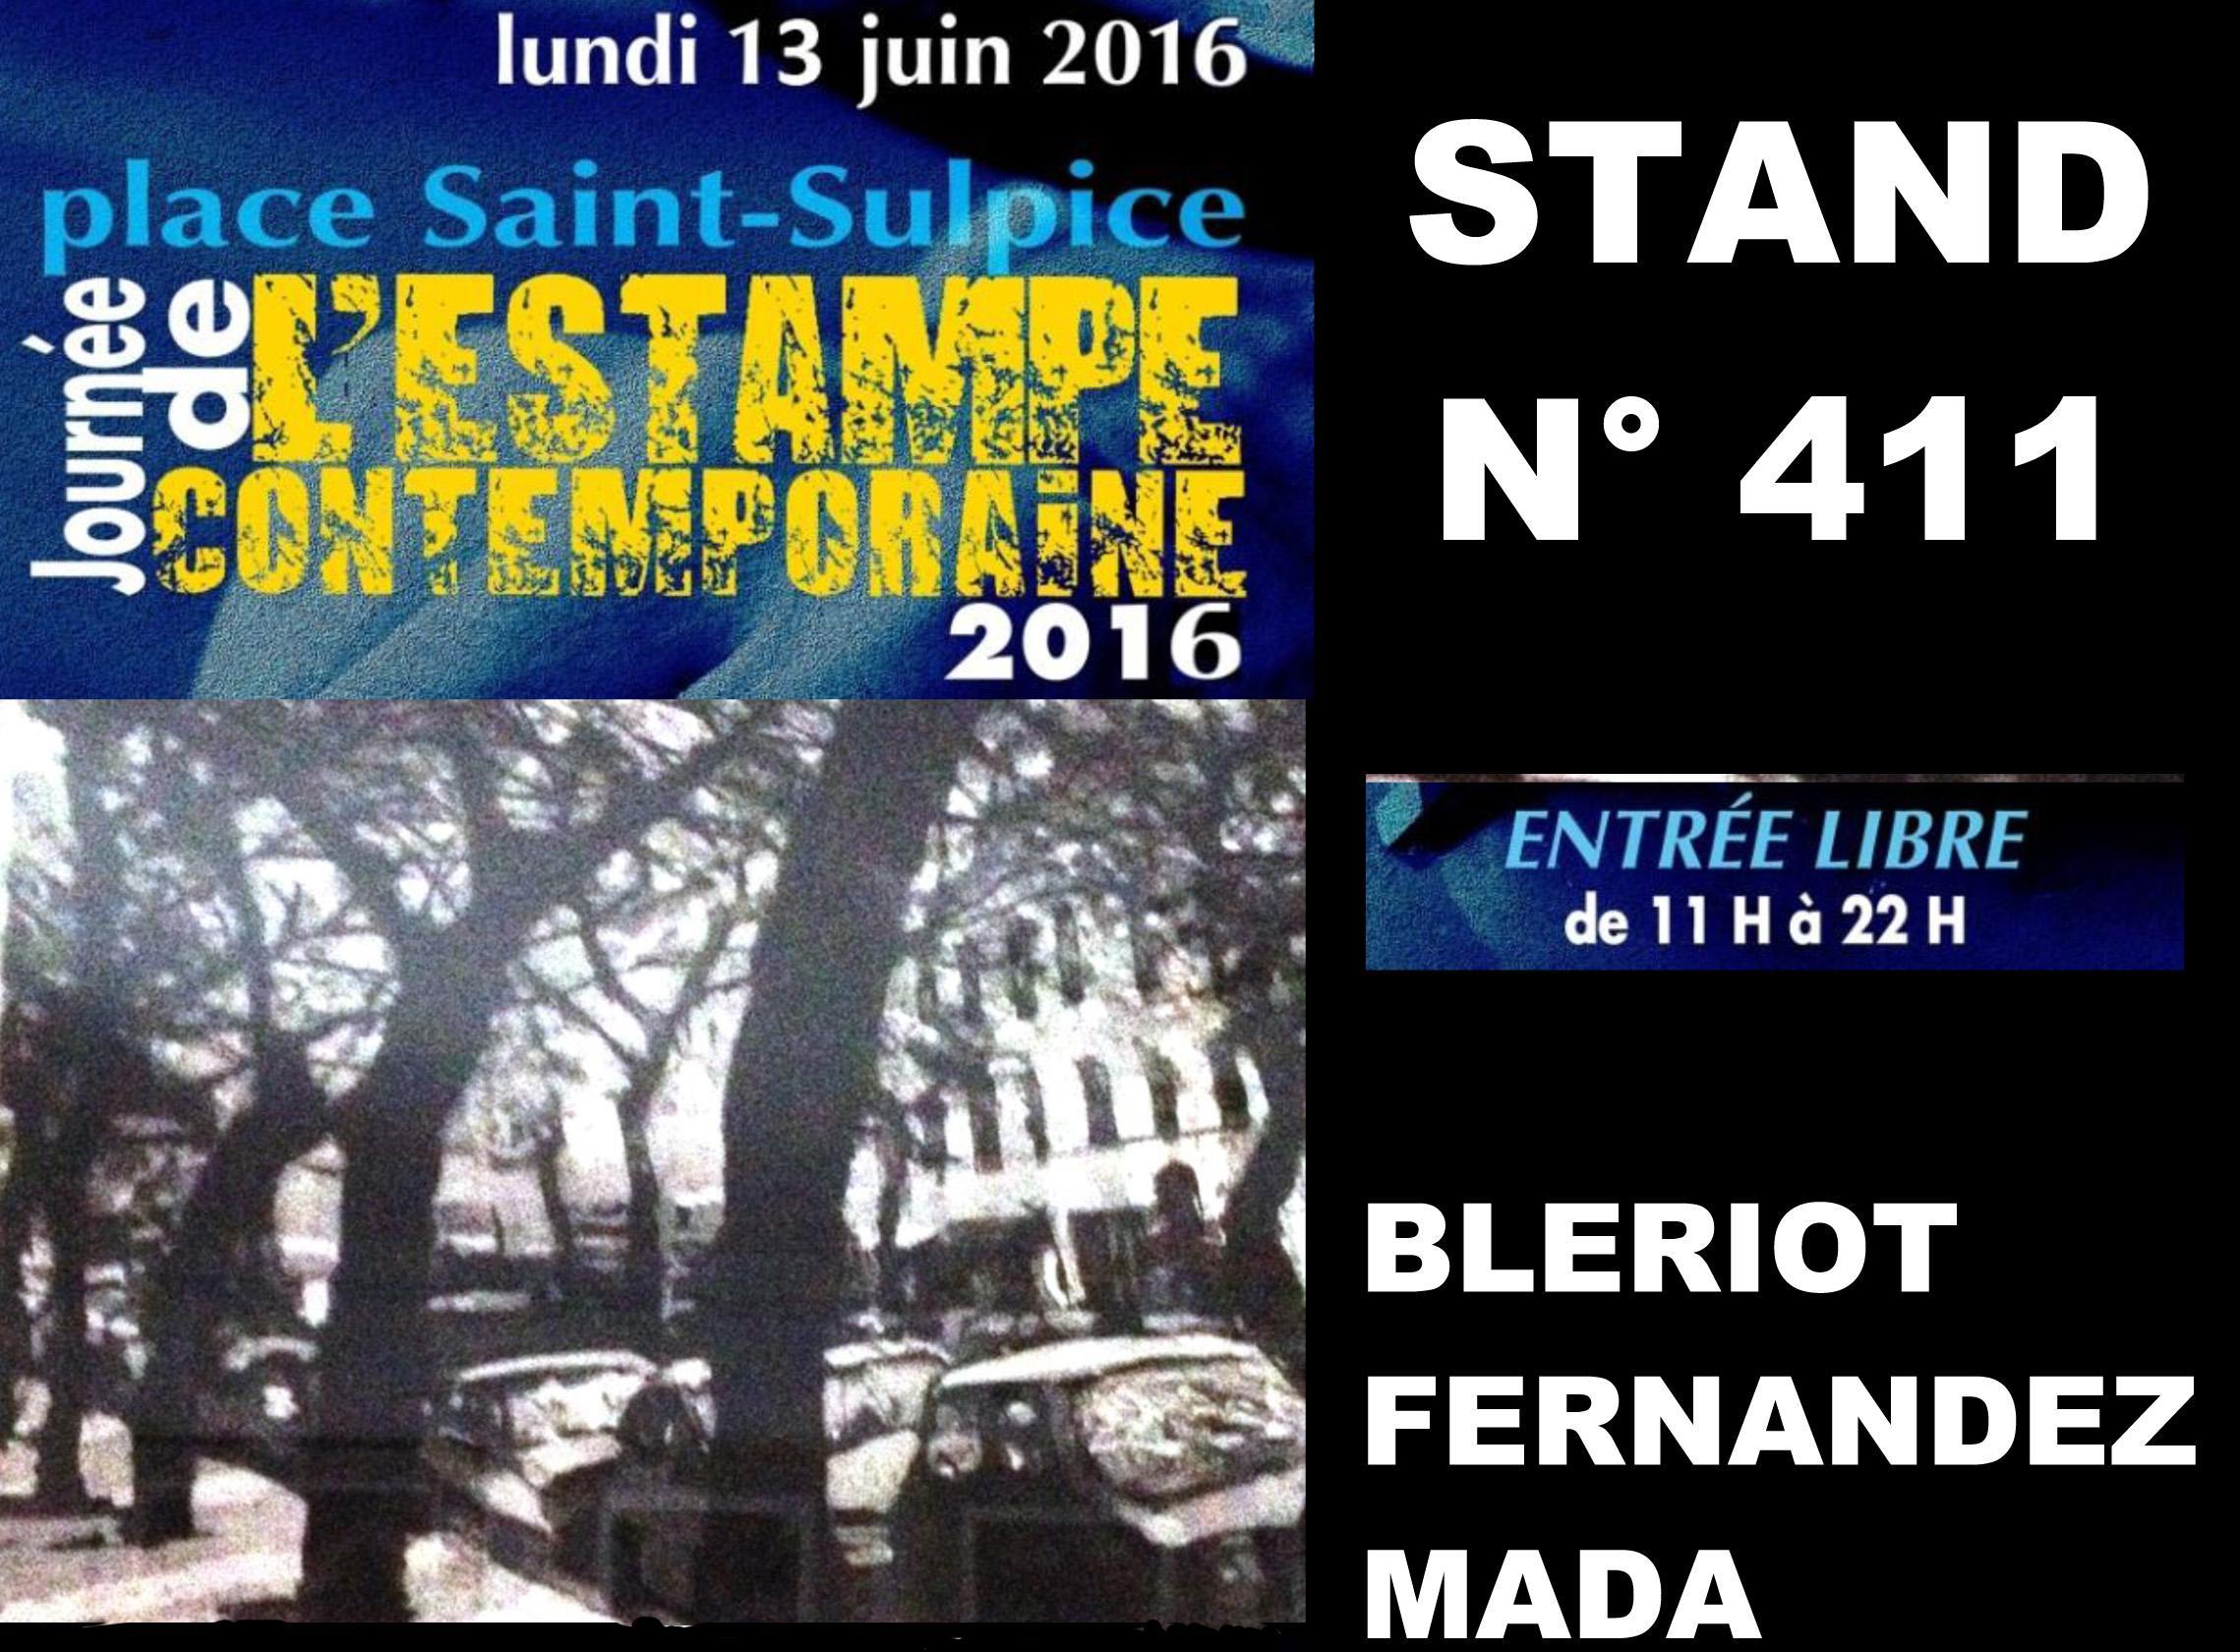 Actualité de Abderrahmane MADA GRAVEUR EN TAILLE-DOUCE JOURNEE DE L'ESTAMPE CONTEMPORAINE 2016